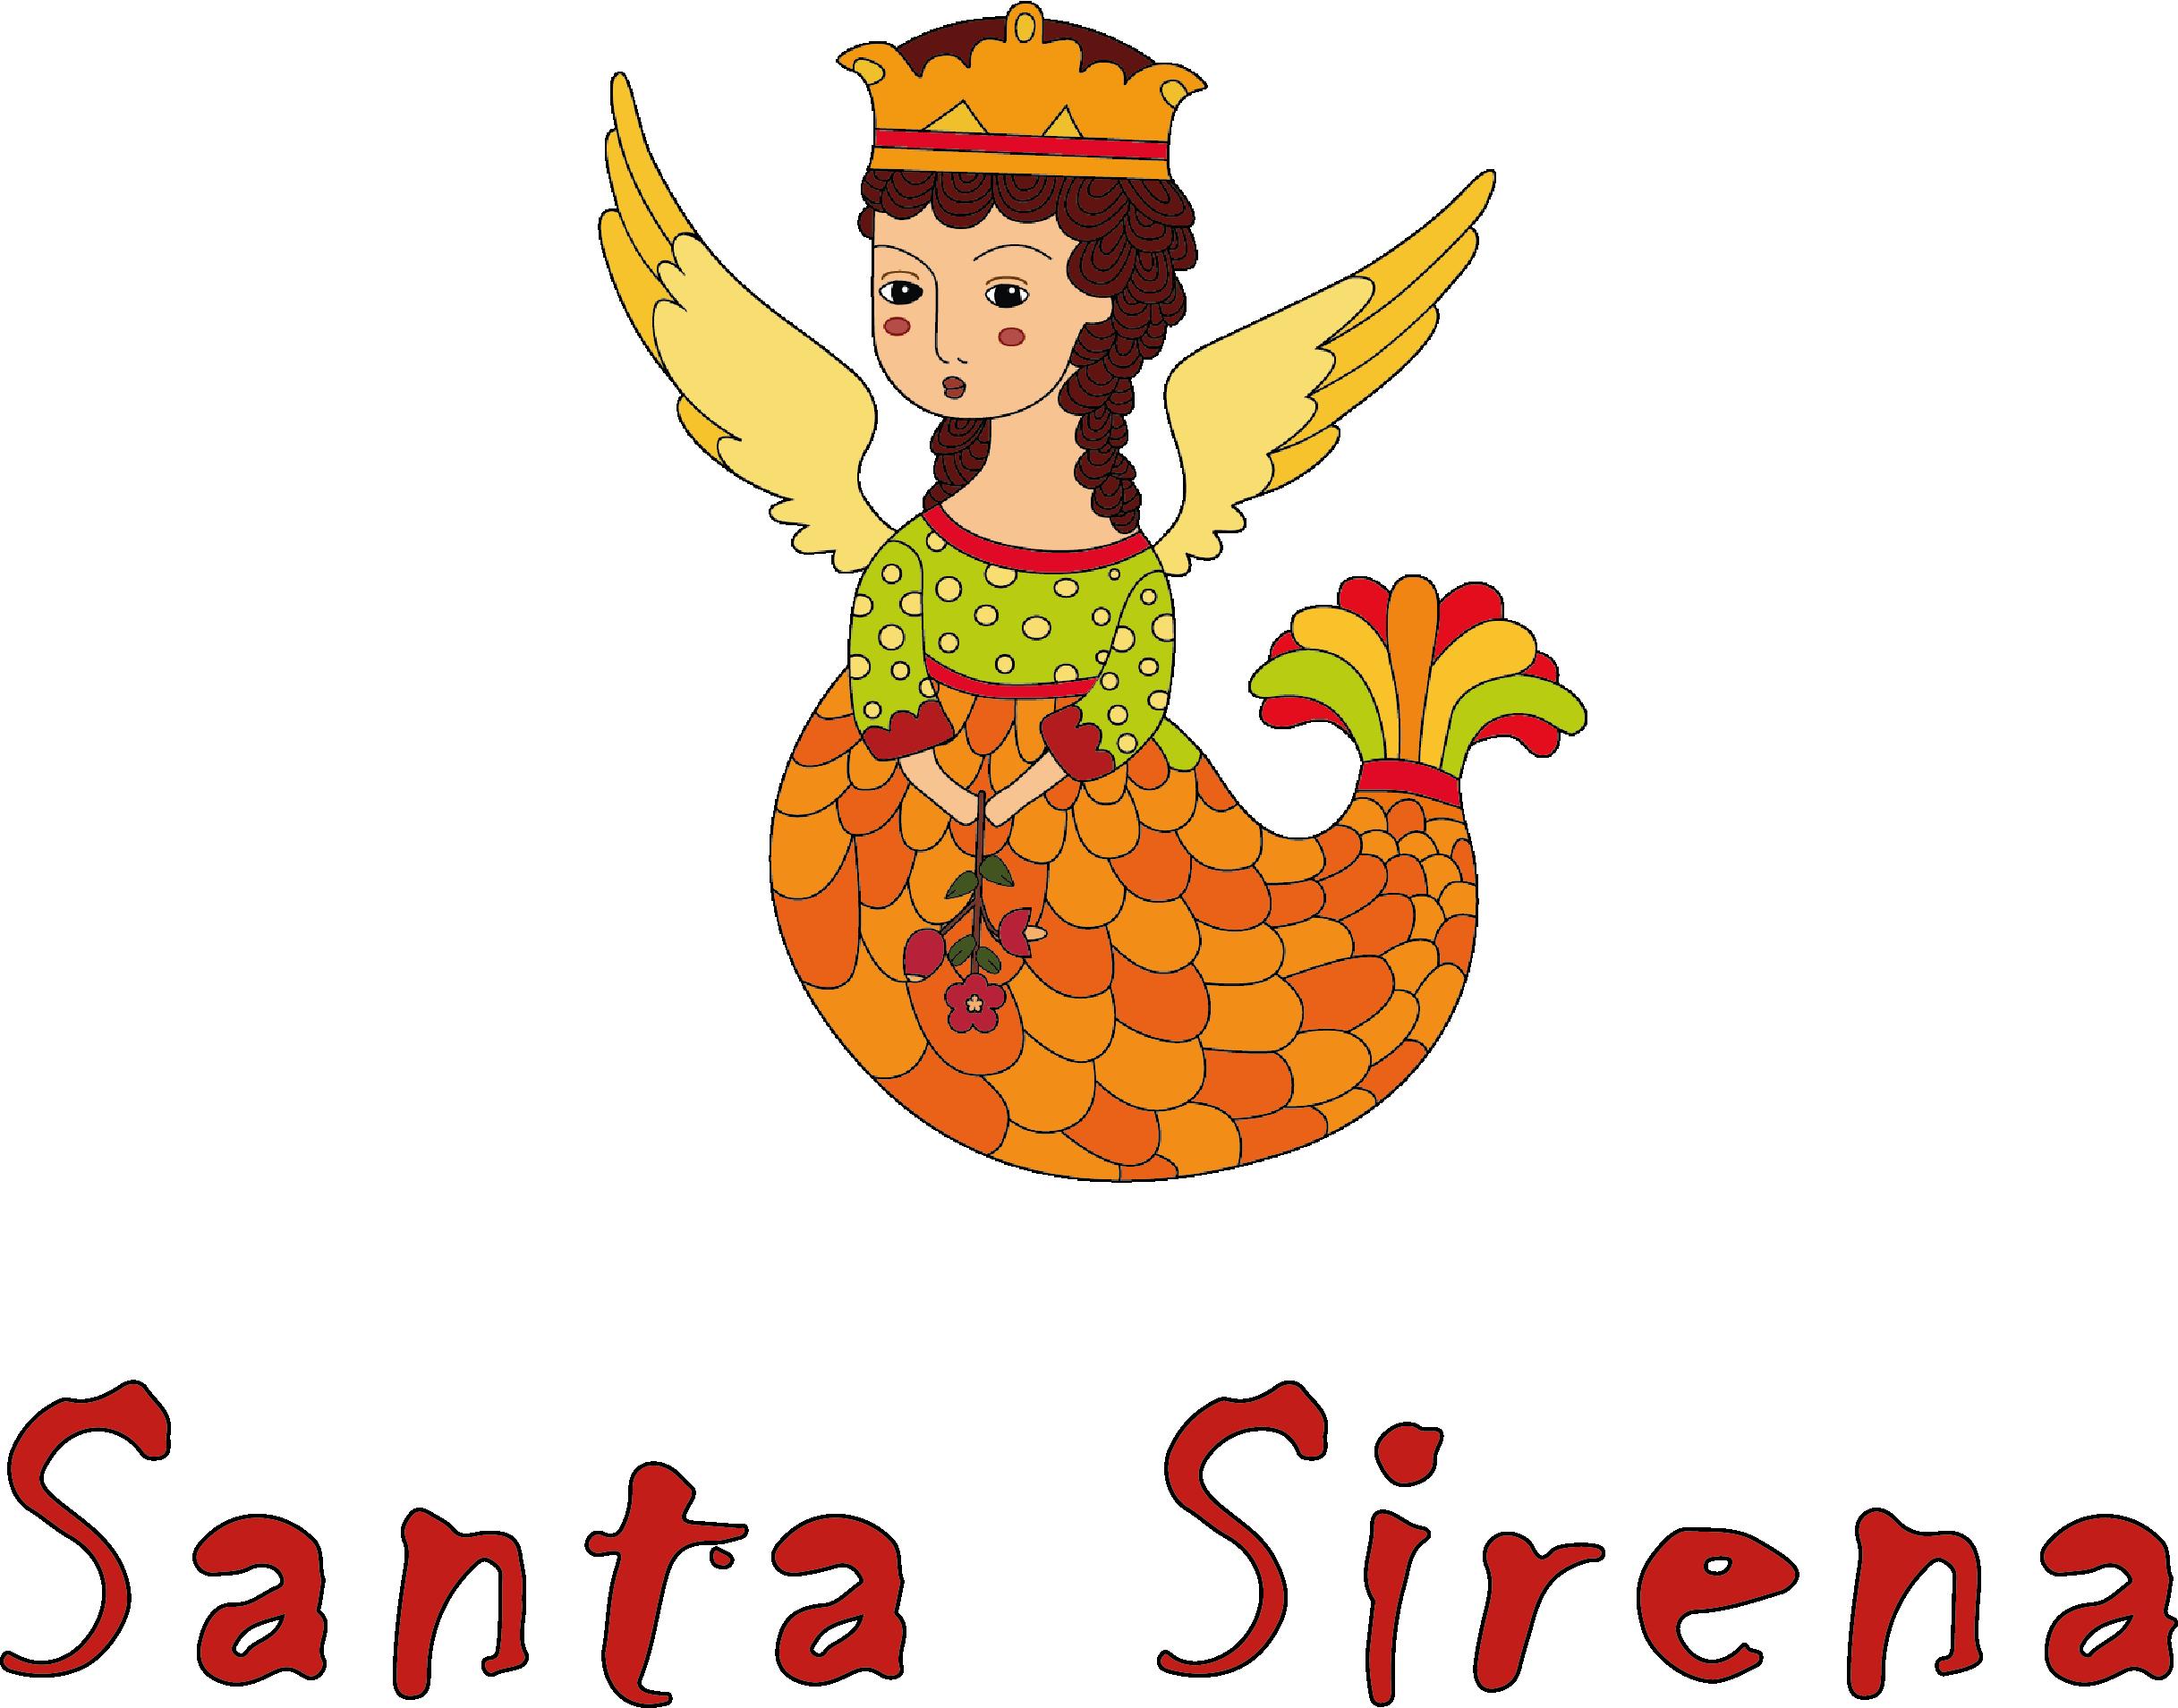 Santa Sirena